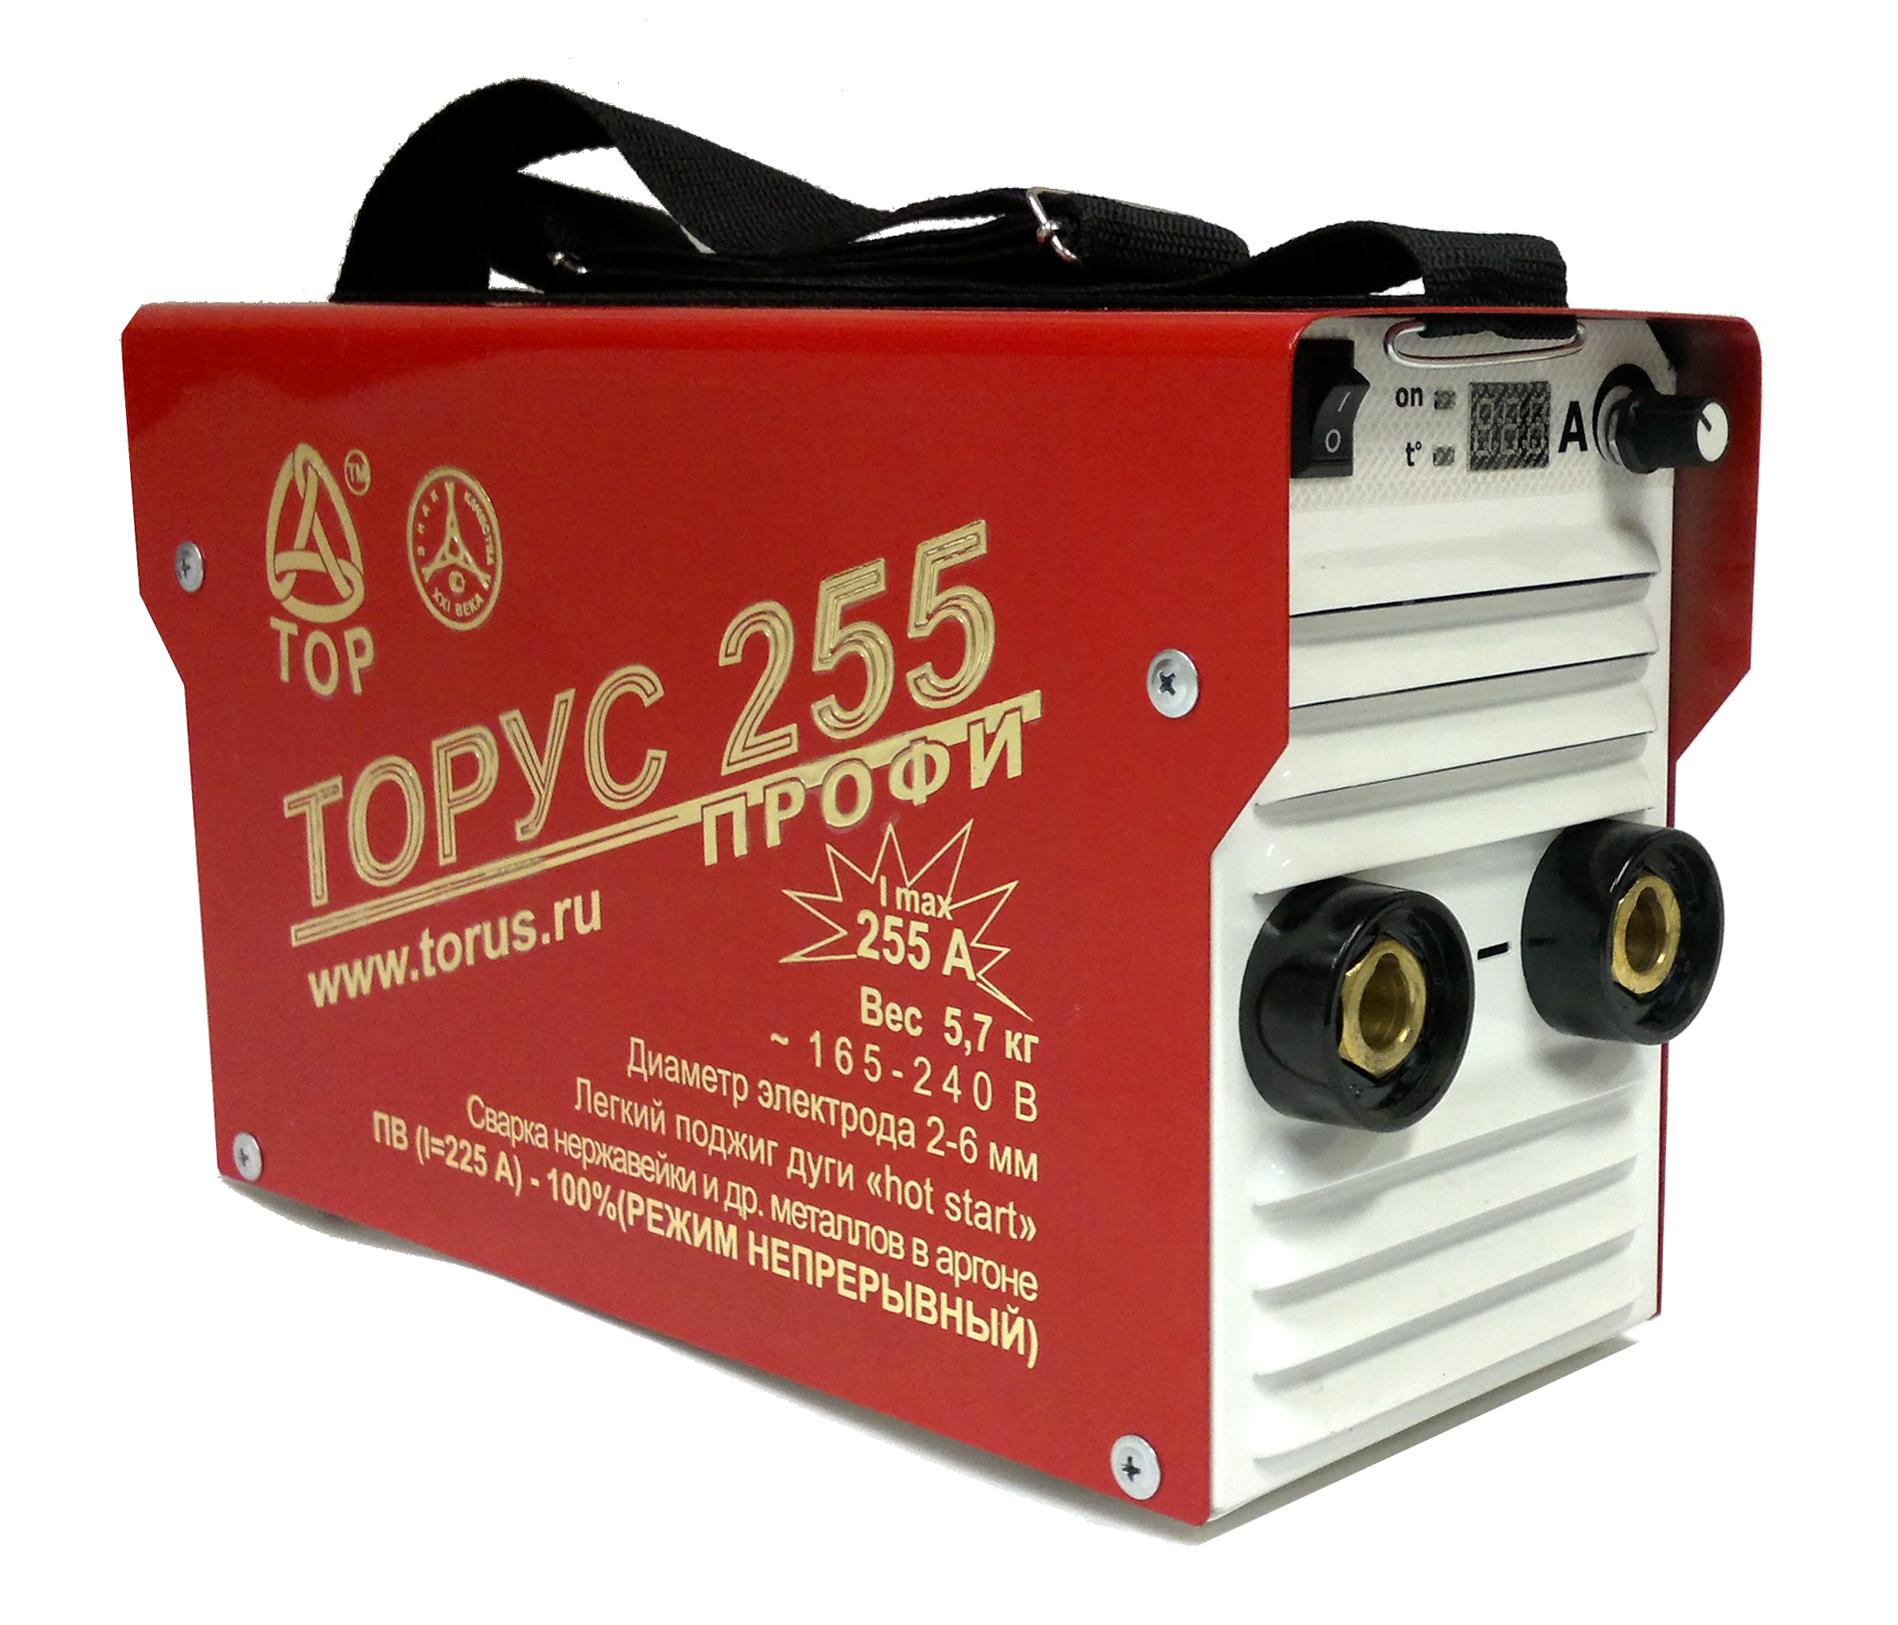 Купить со скидкой Сварочный аппарат ТОРУС 255 НАКС